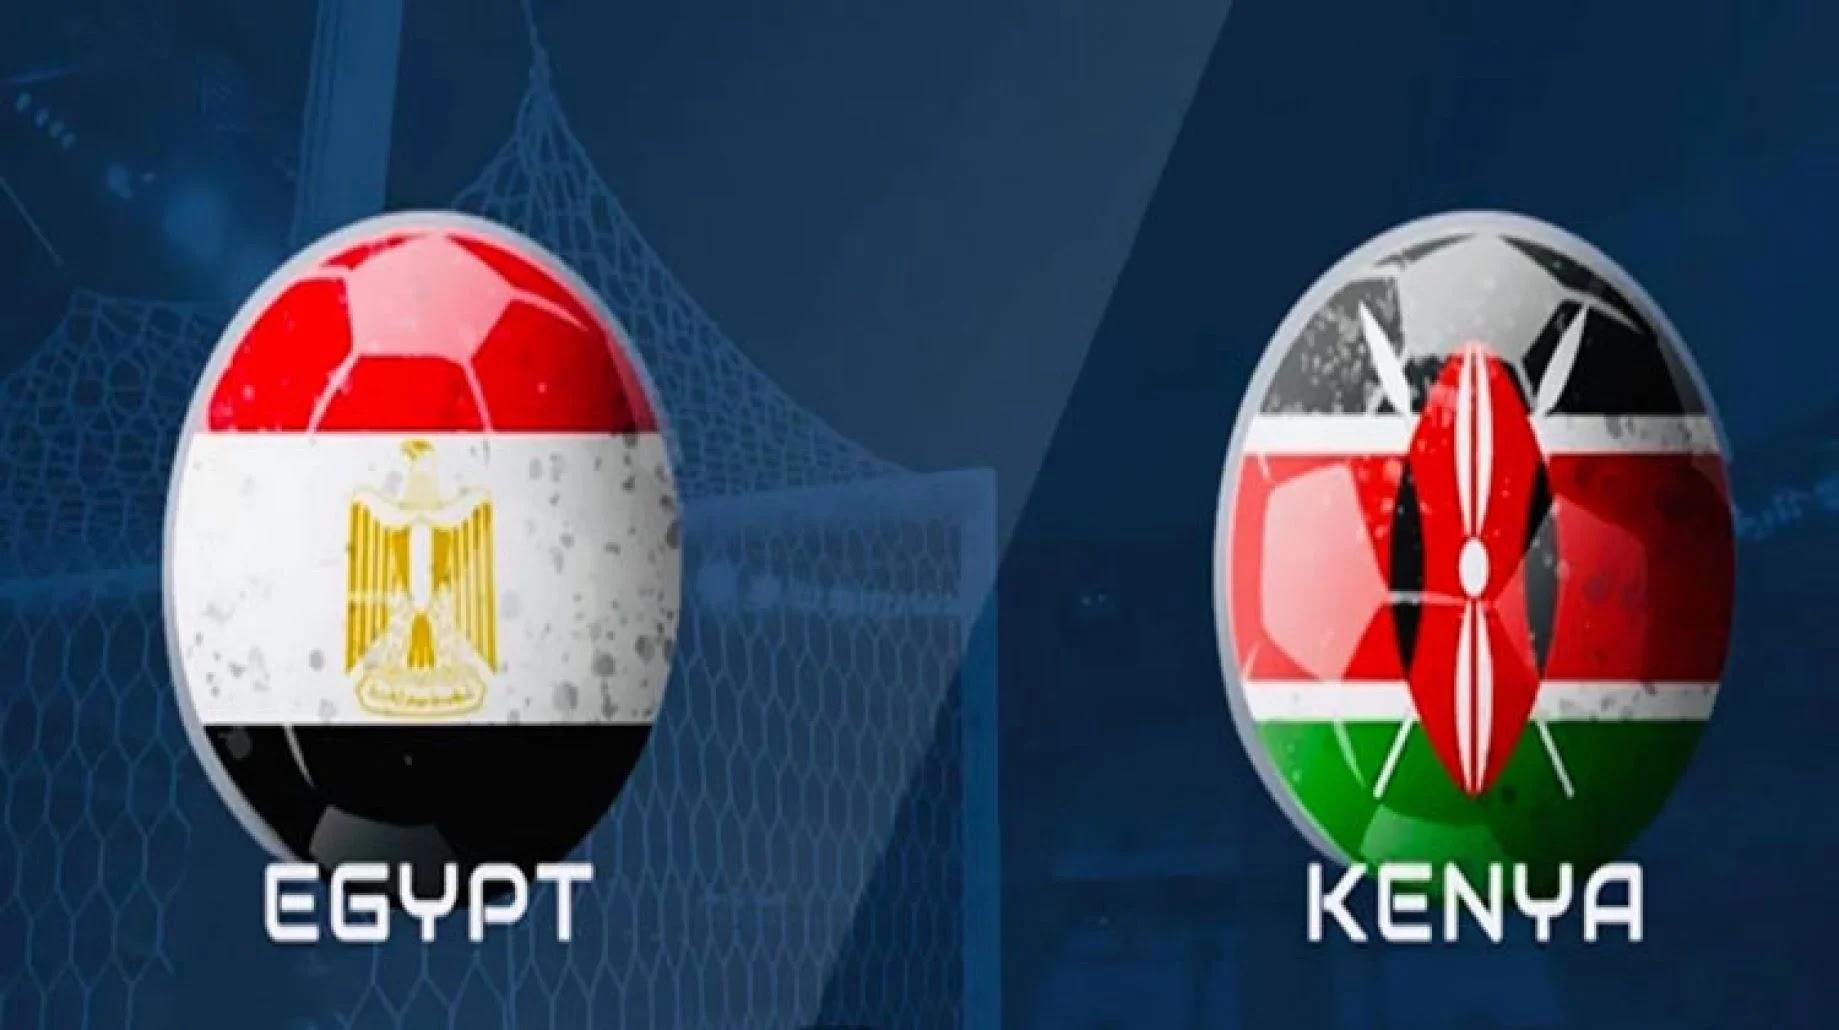 ملخص واهداف مباراة مصر وكينيا اليوم